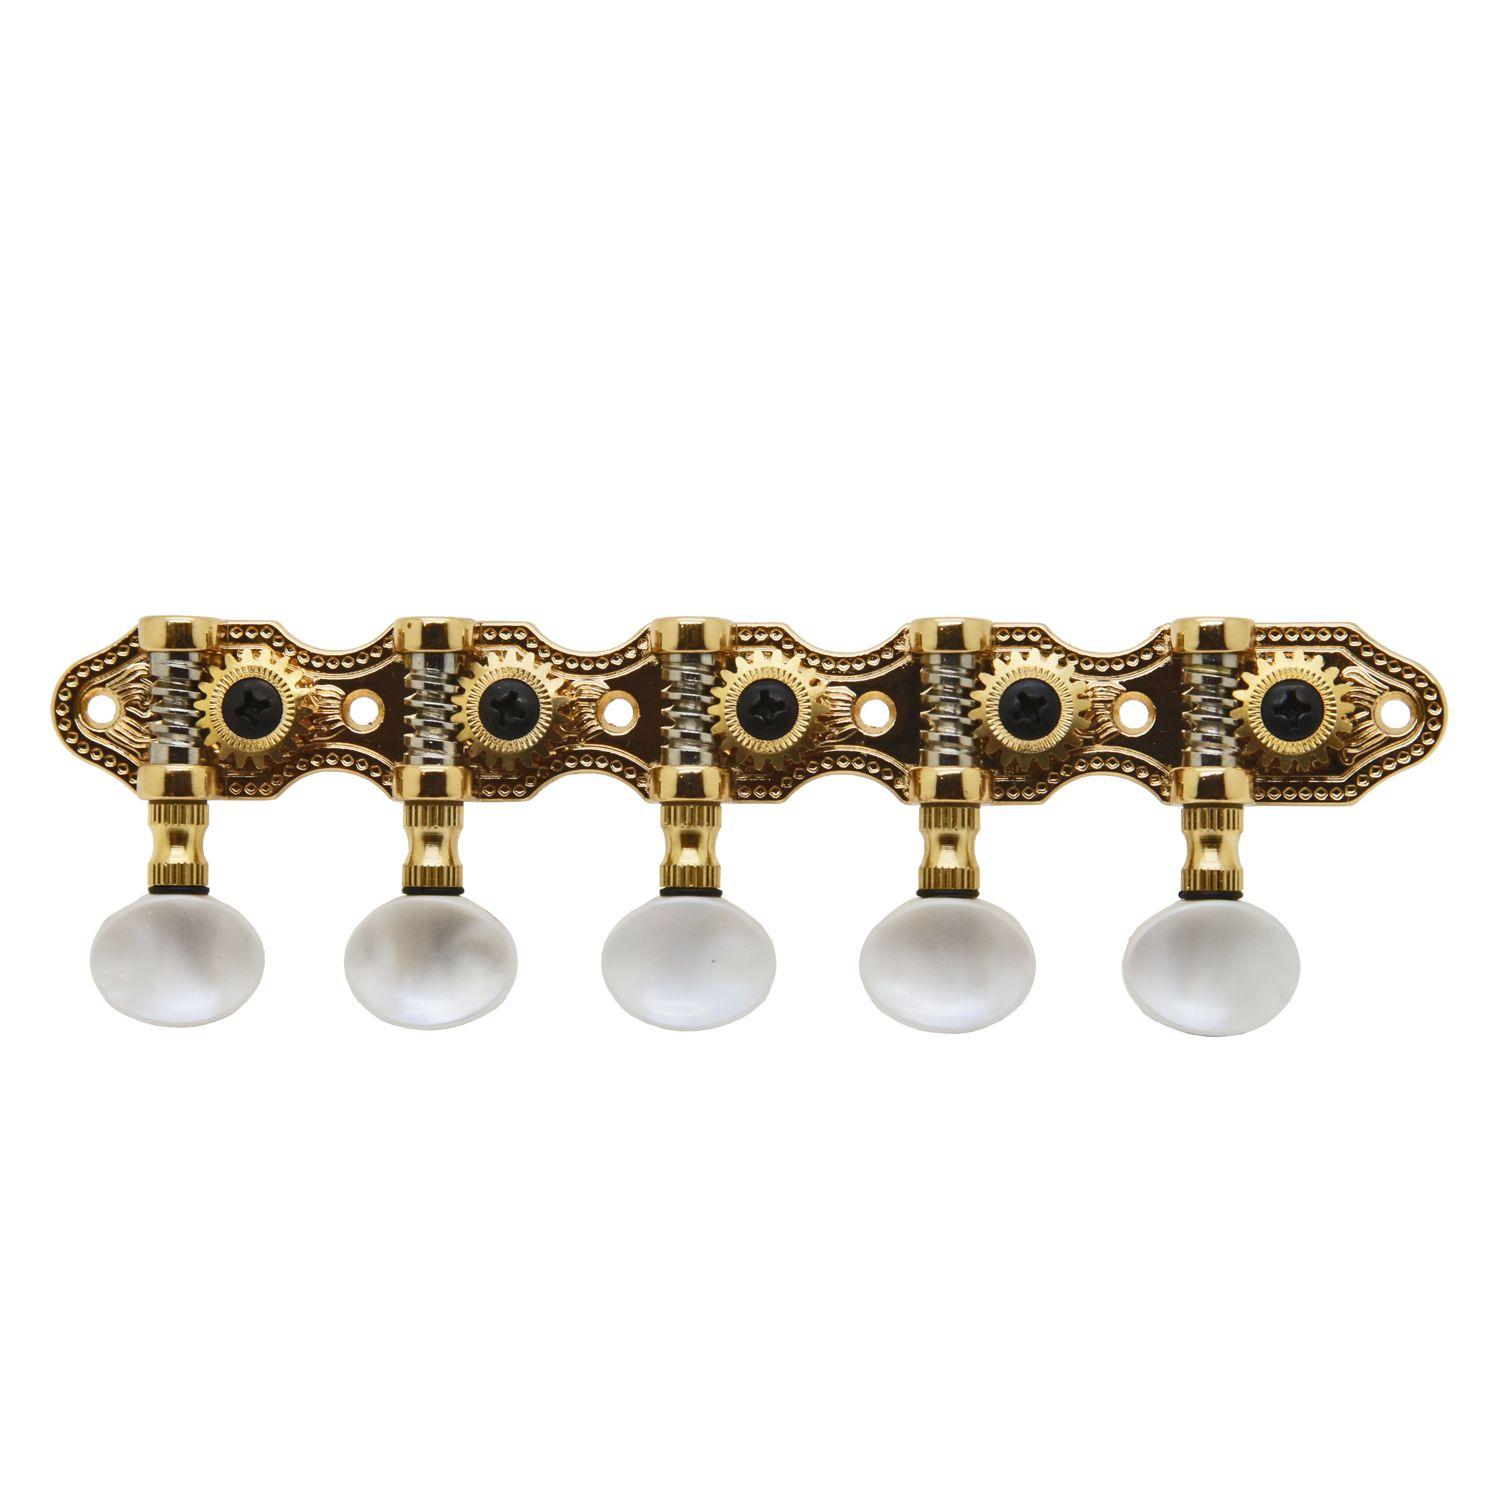 Jogo de Tarraxas para BANDOLIM/VIOLA Pino FOLK Dourada Botão Claro - Rozini RAX339GPK.SW